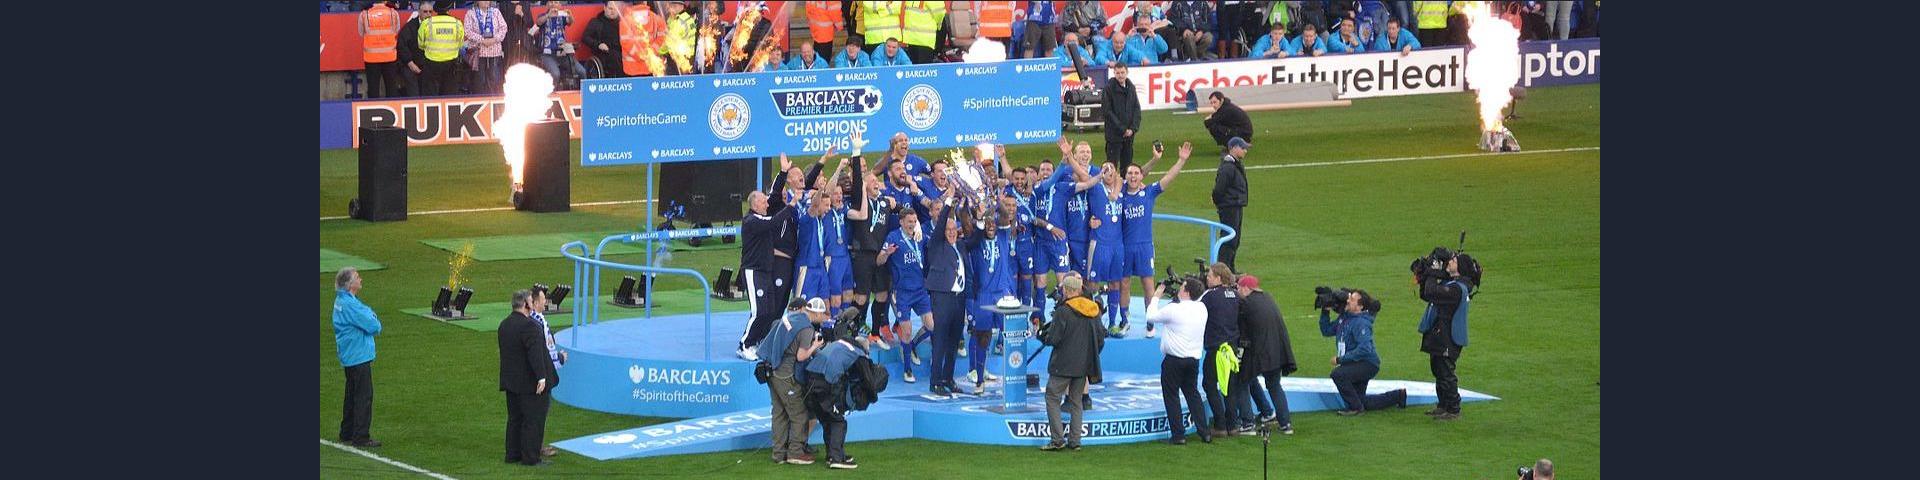 Join Our Fantasy Premier League